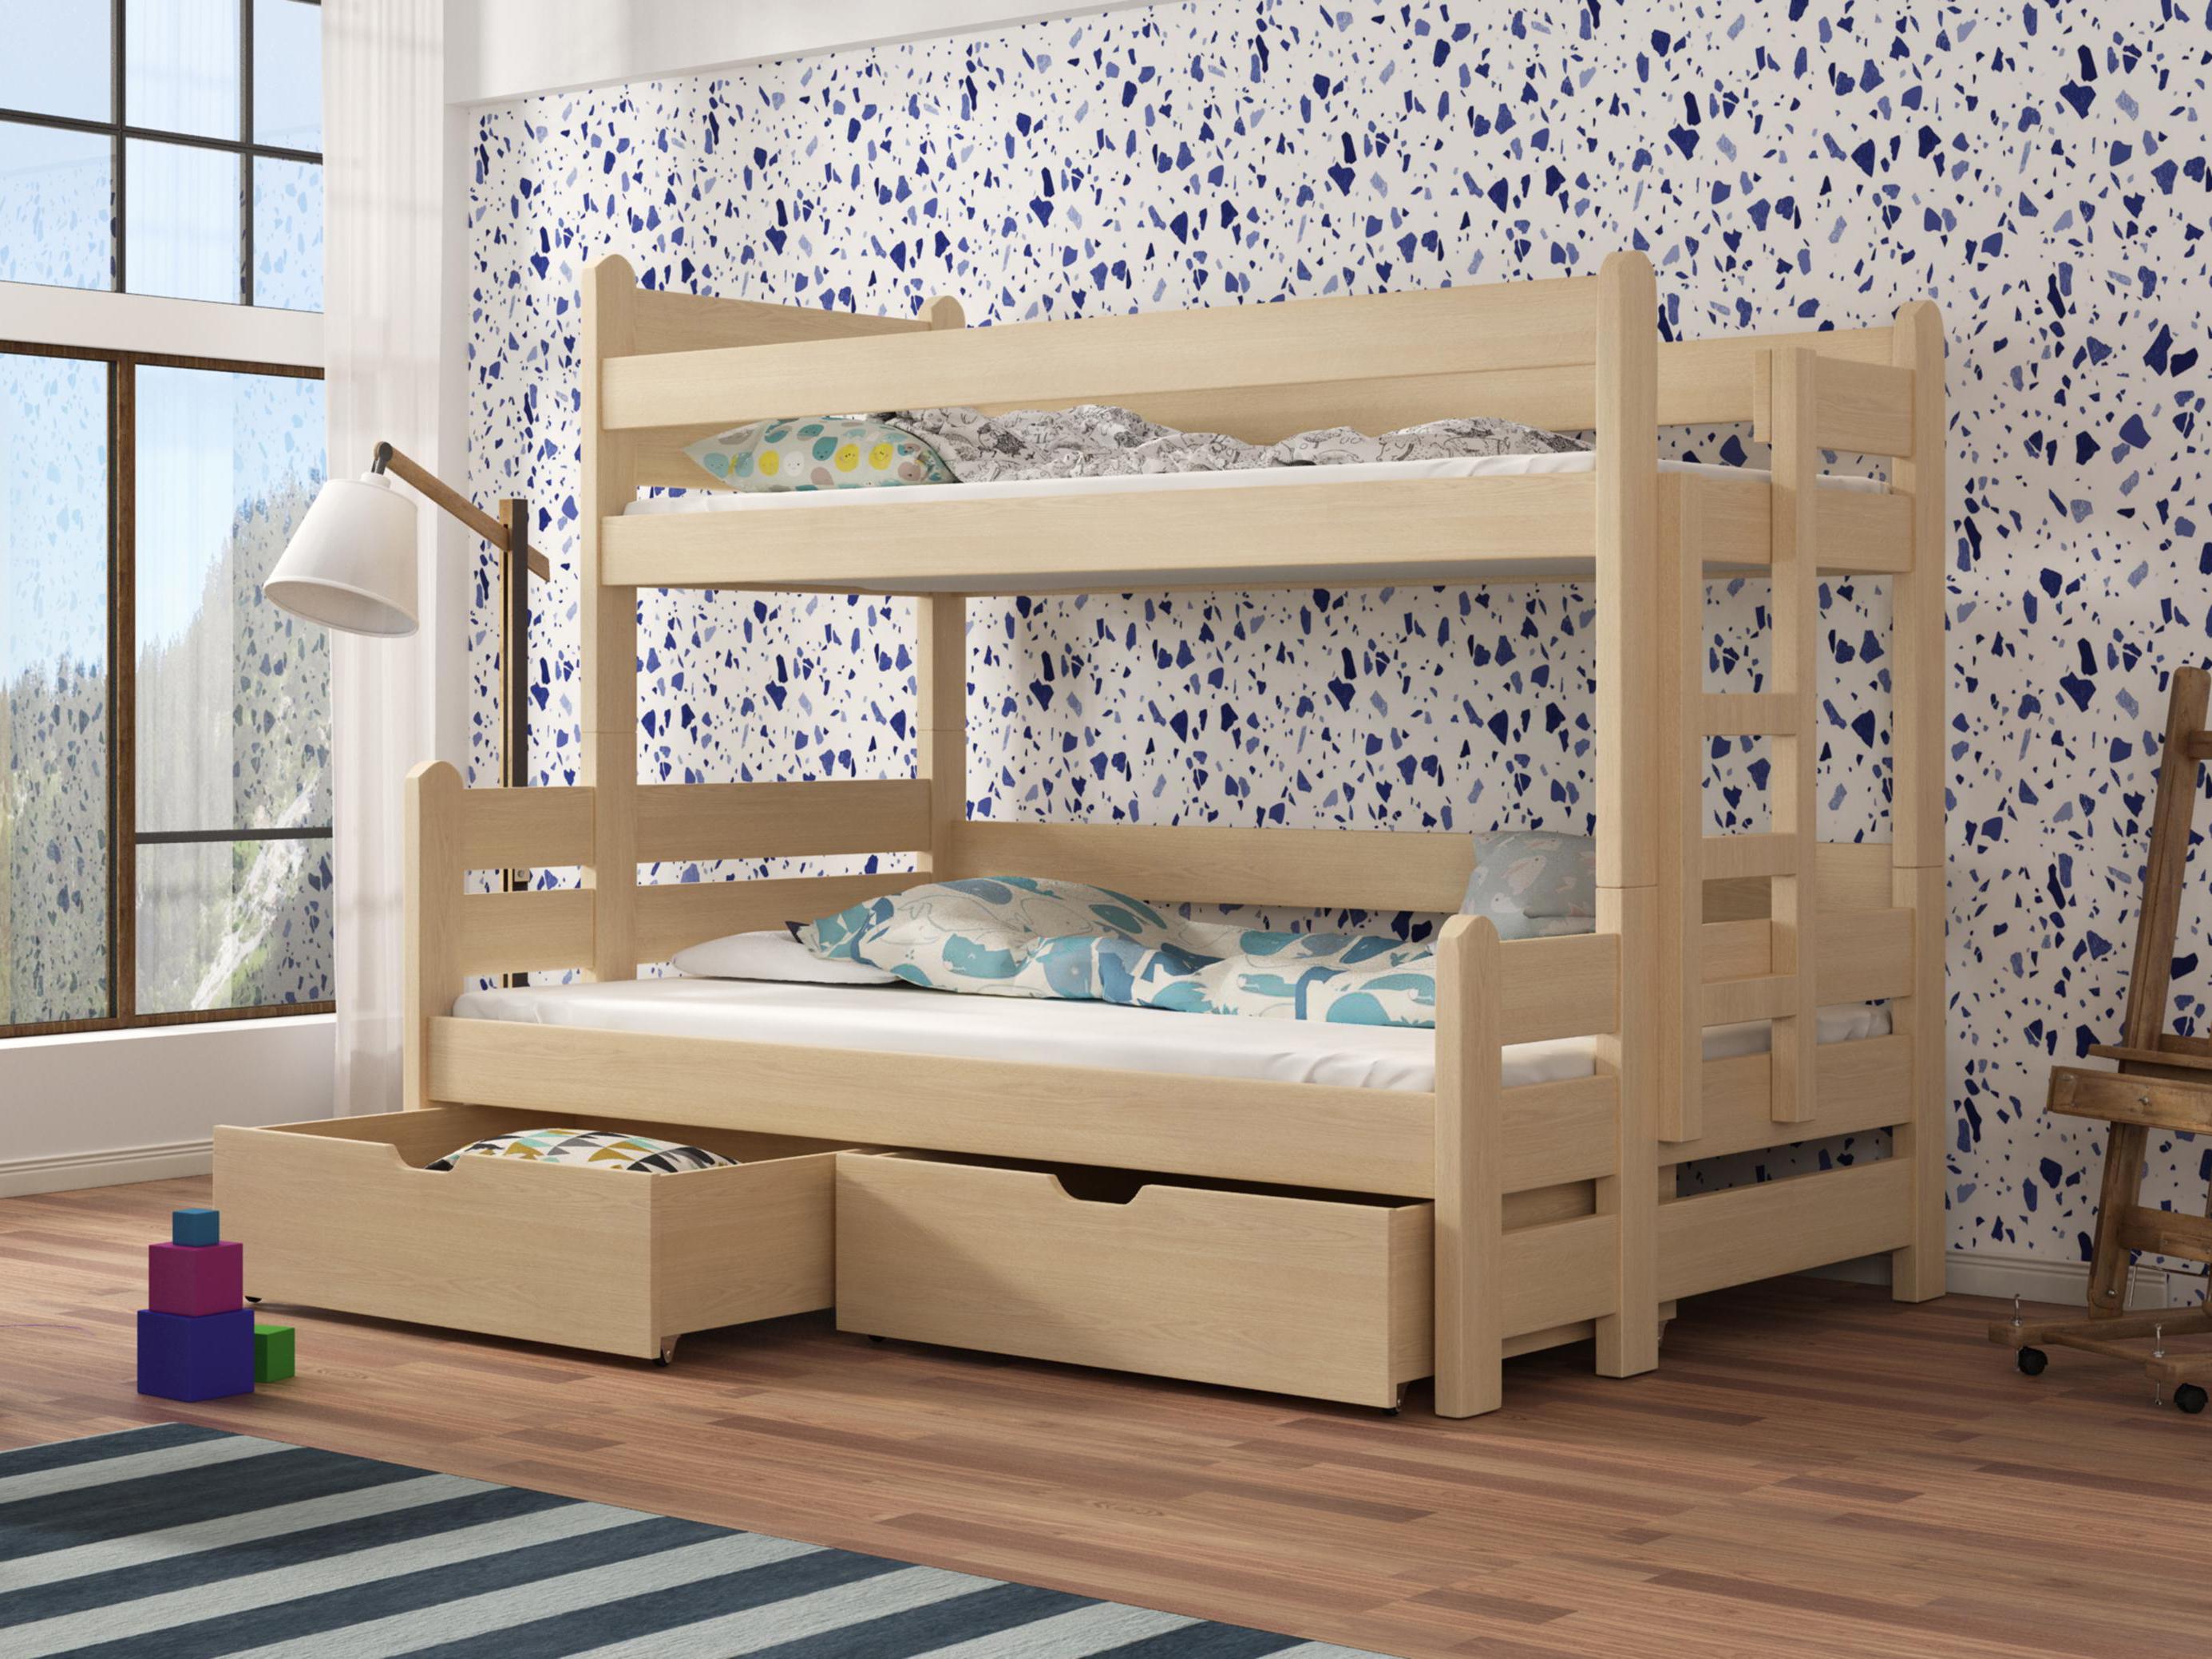 Dětská patrová postel 90 cm - Bivi (borovice)